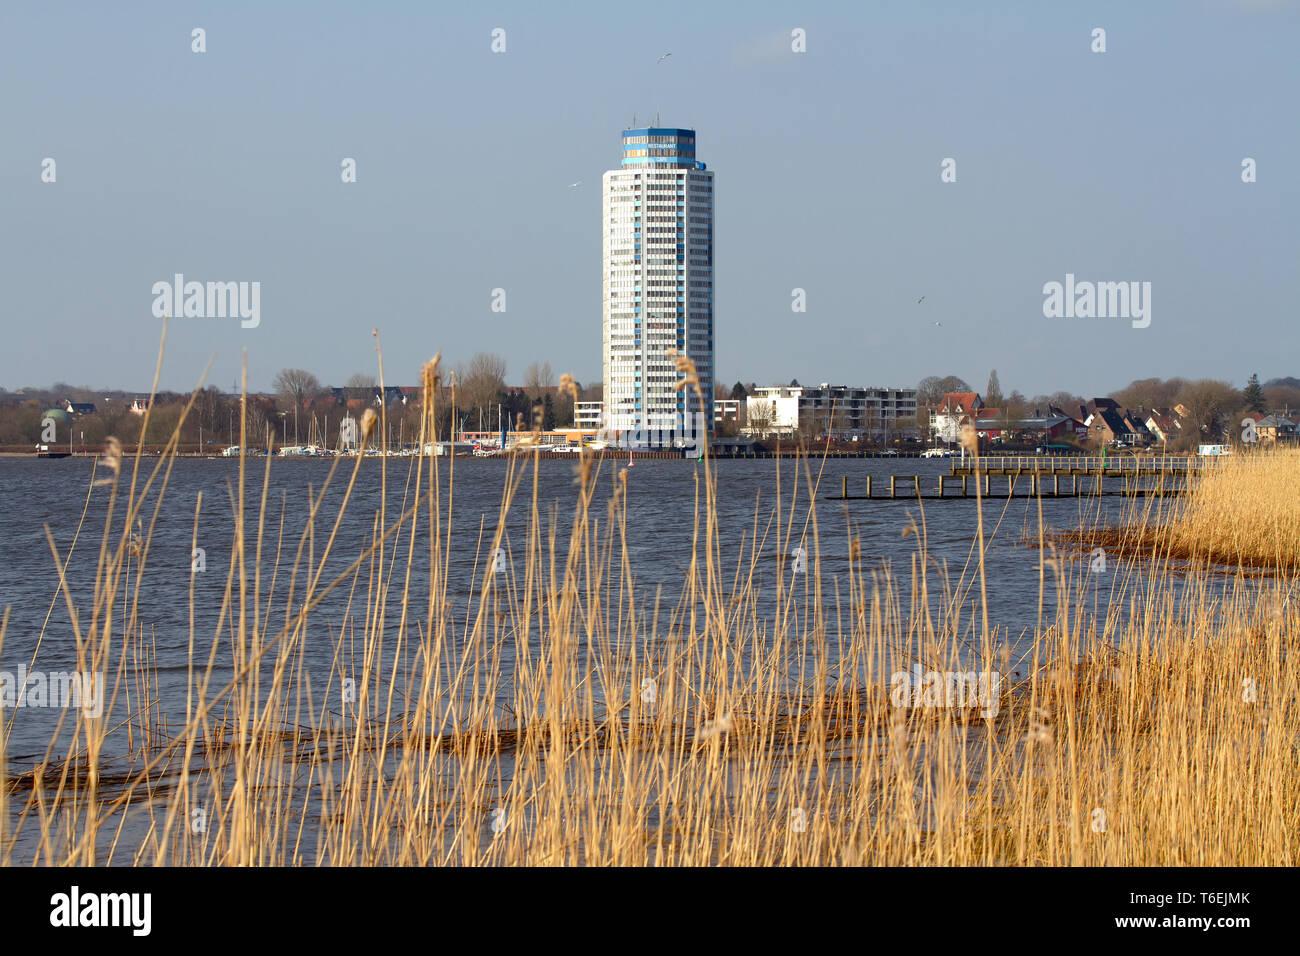 Vikingtower Schleswig. Germany - Stock Image